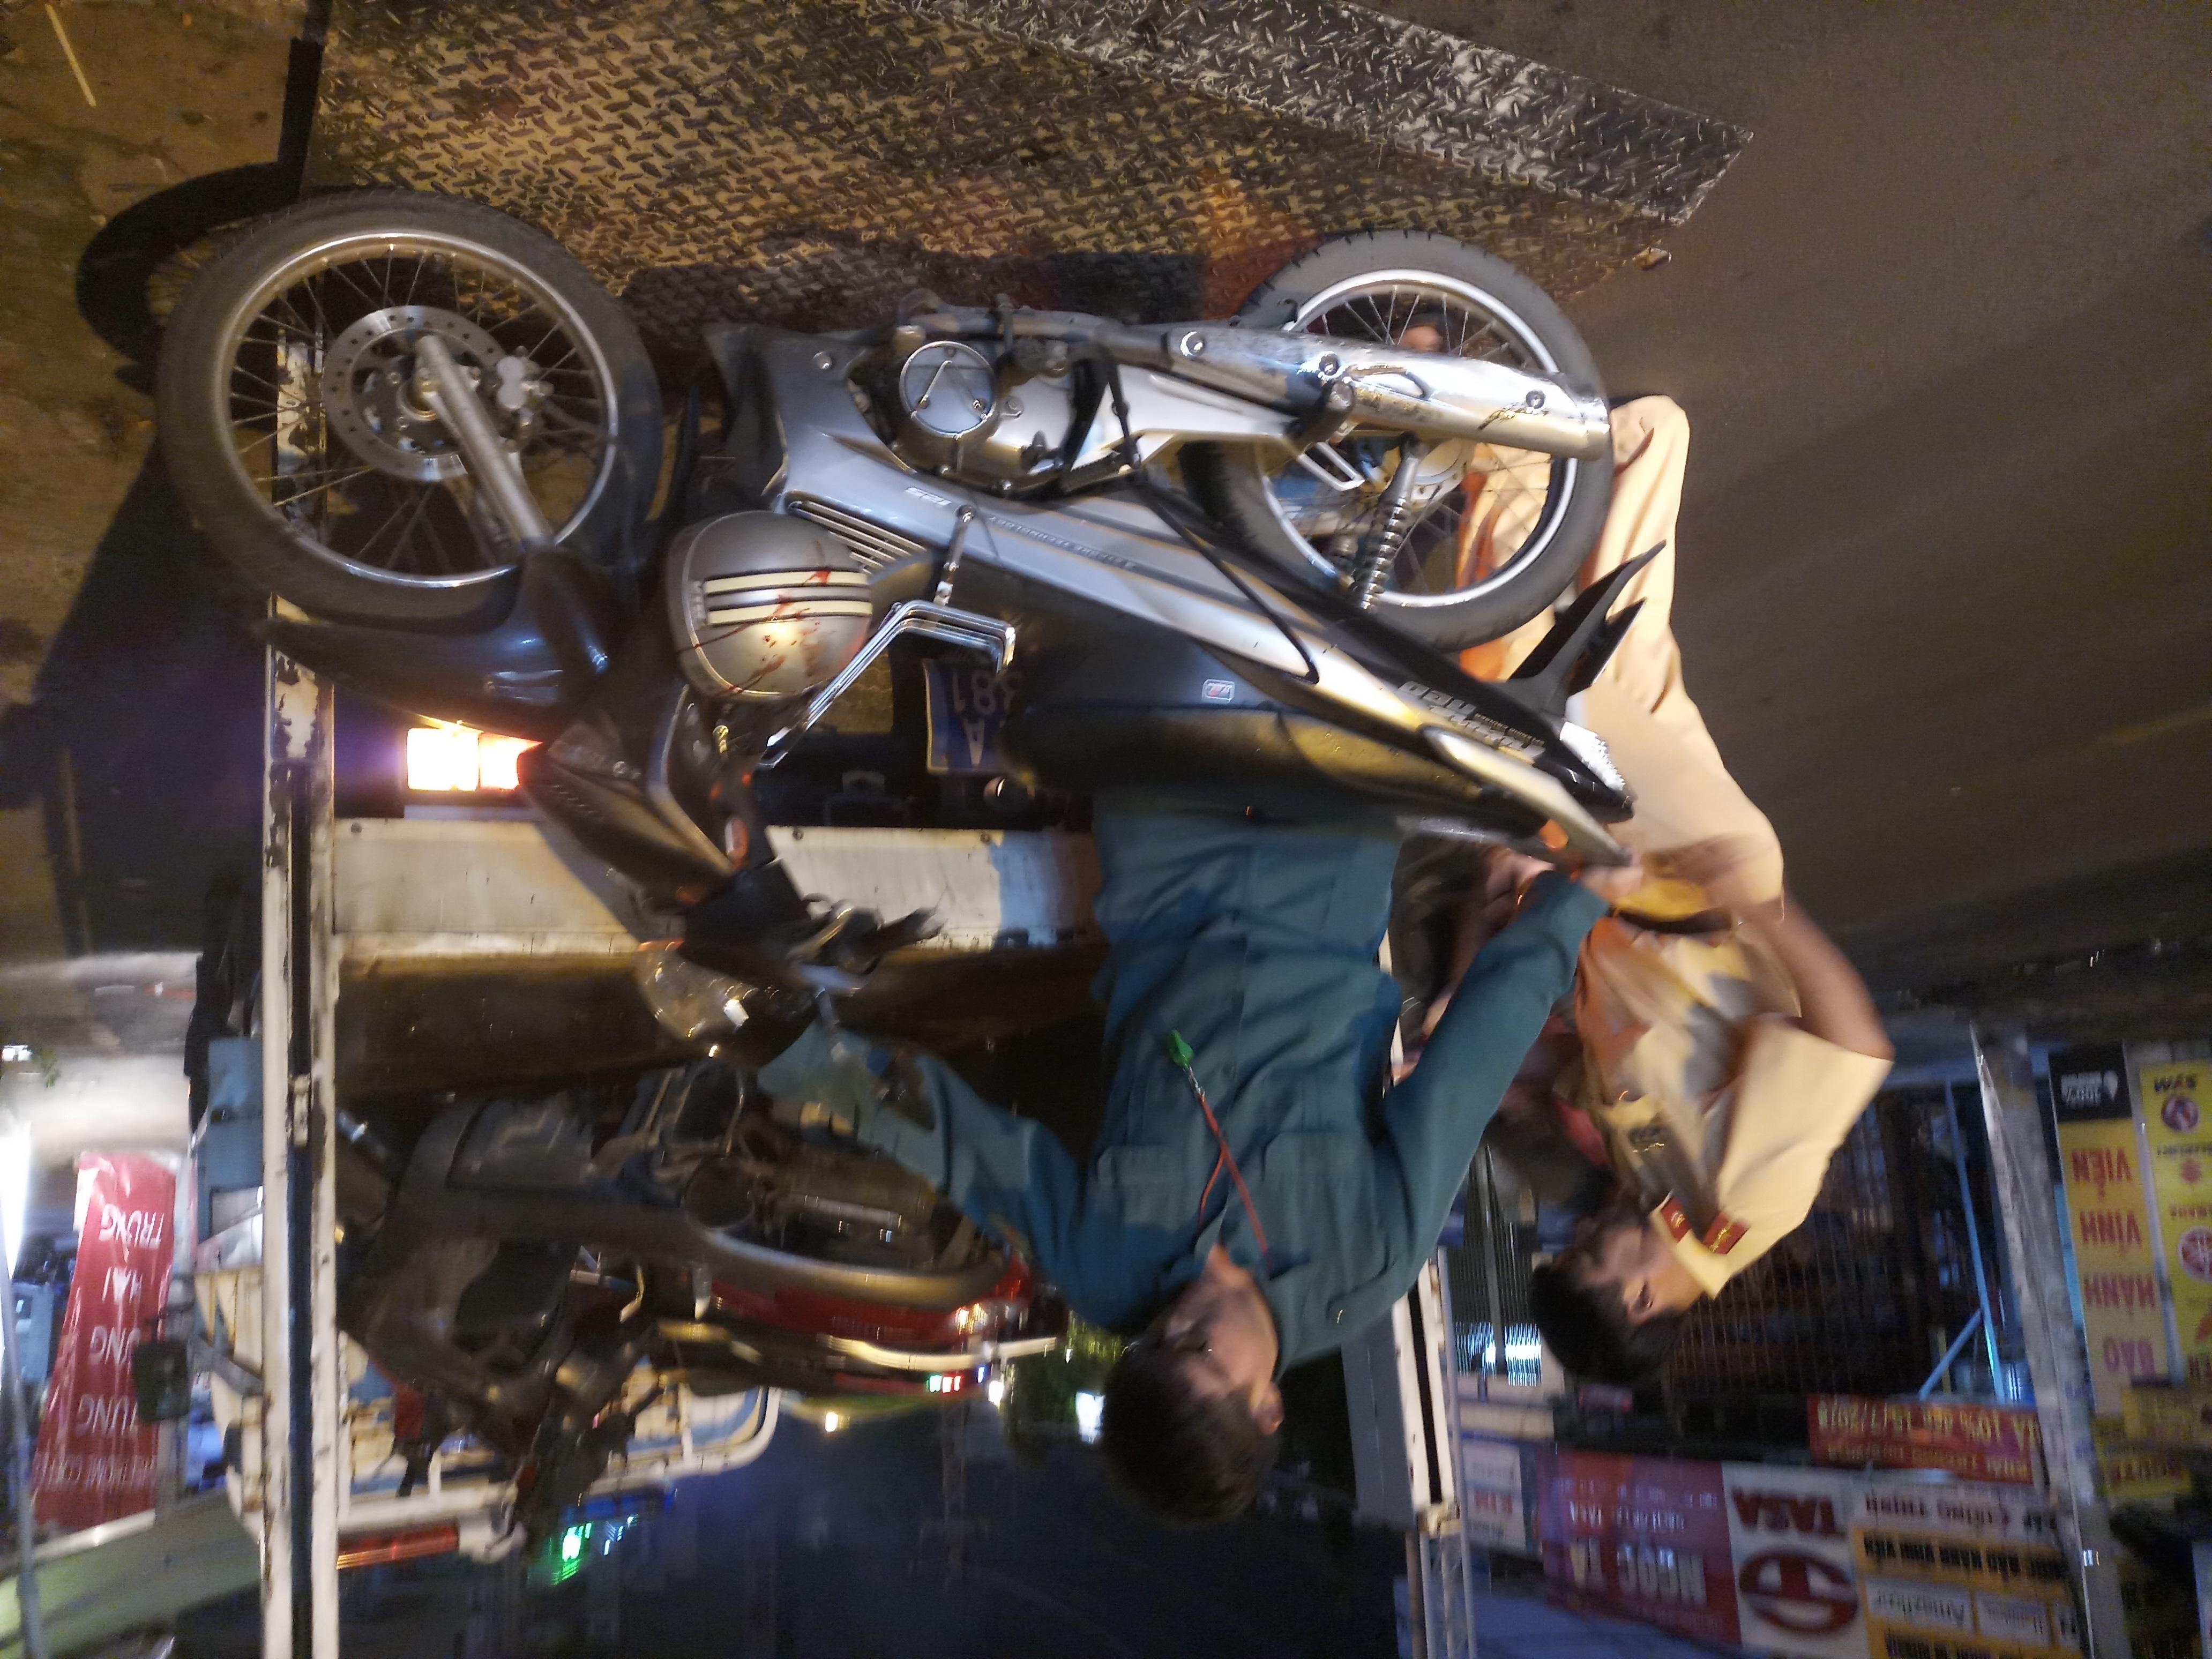 Nam thanh niên đi xe máy đâm vào đuôi xe buýt bất tỉnh - Ảnh 4